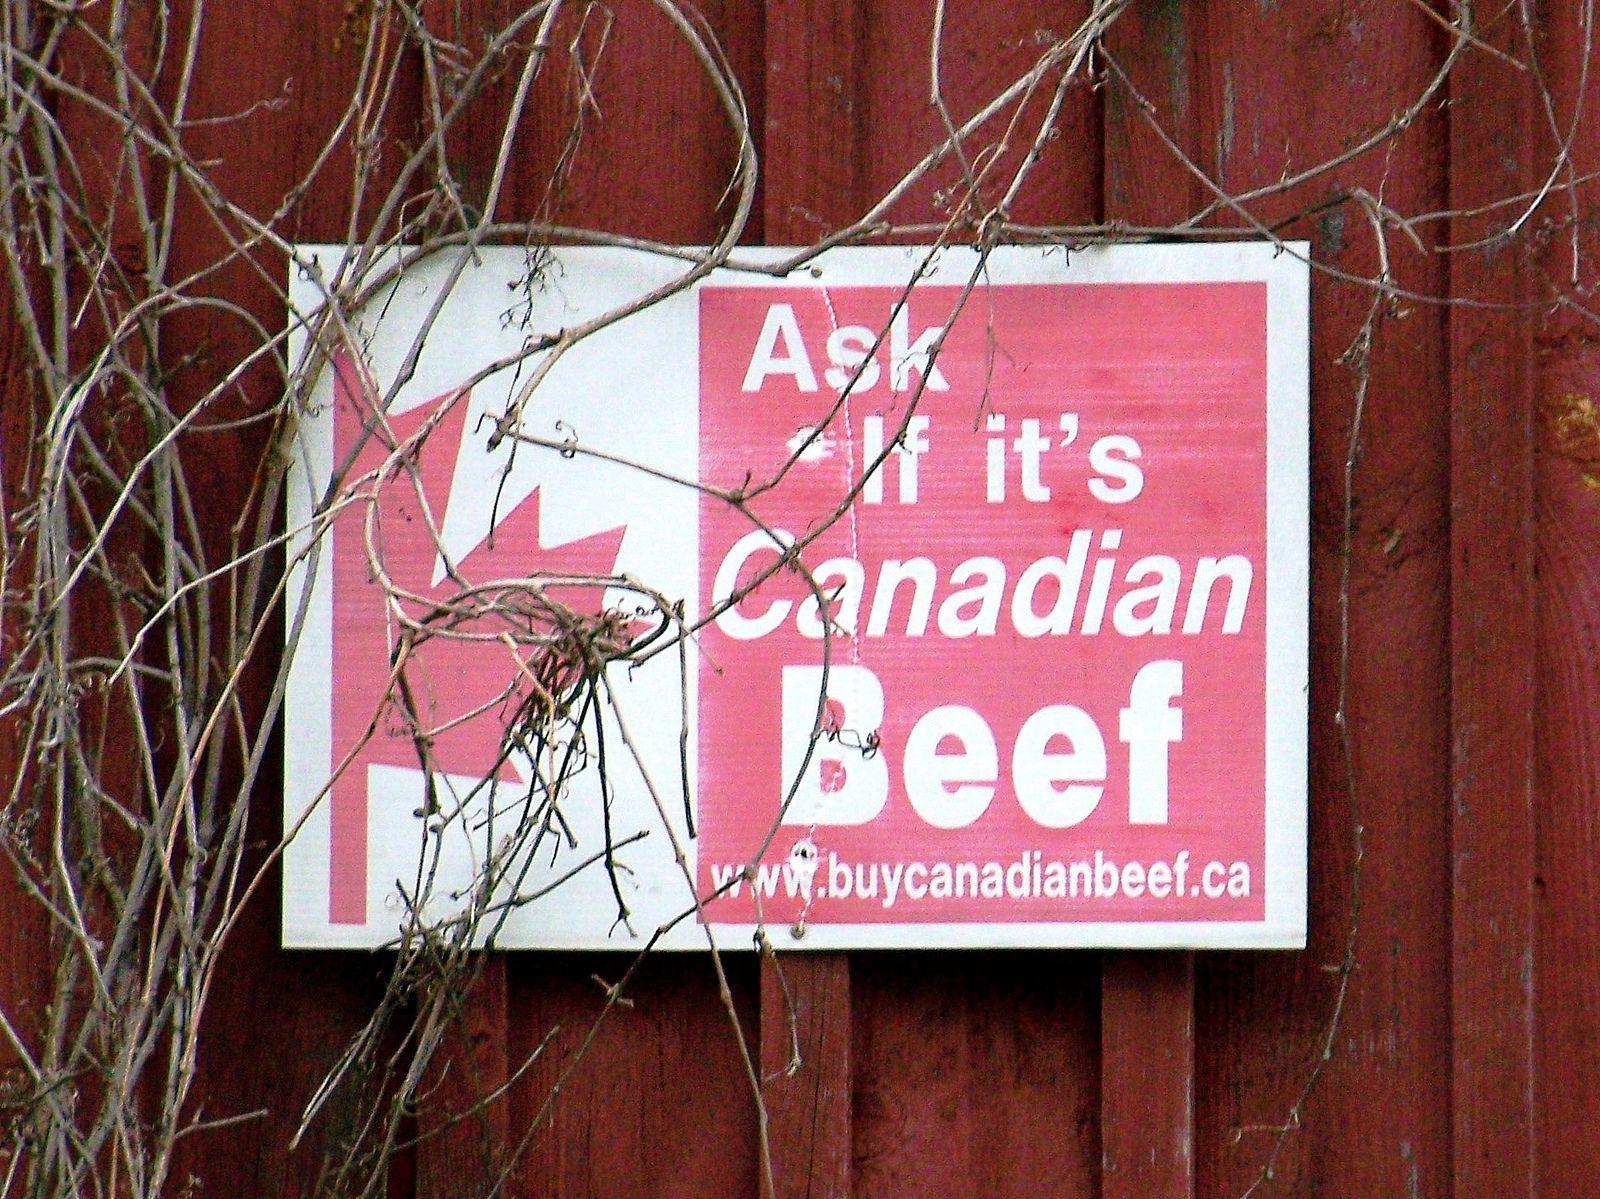 La Corée du Sud suspend ses importations de bœuf canadien à la suite de la découverte d'une vache folle en Alberta. © WiII S.